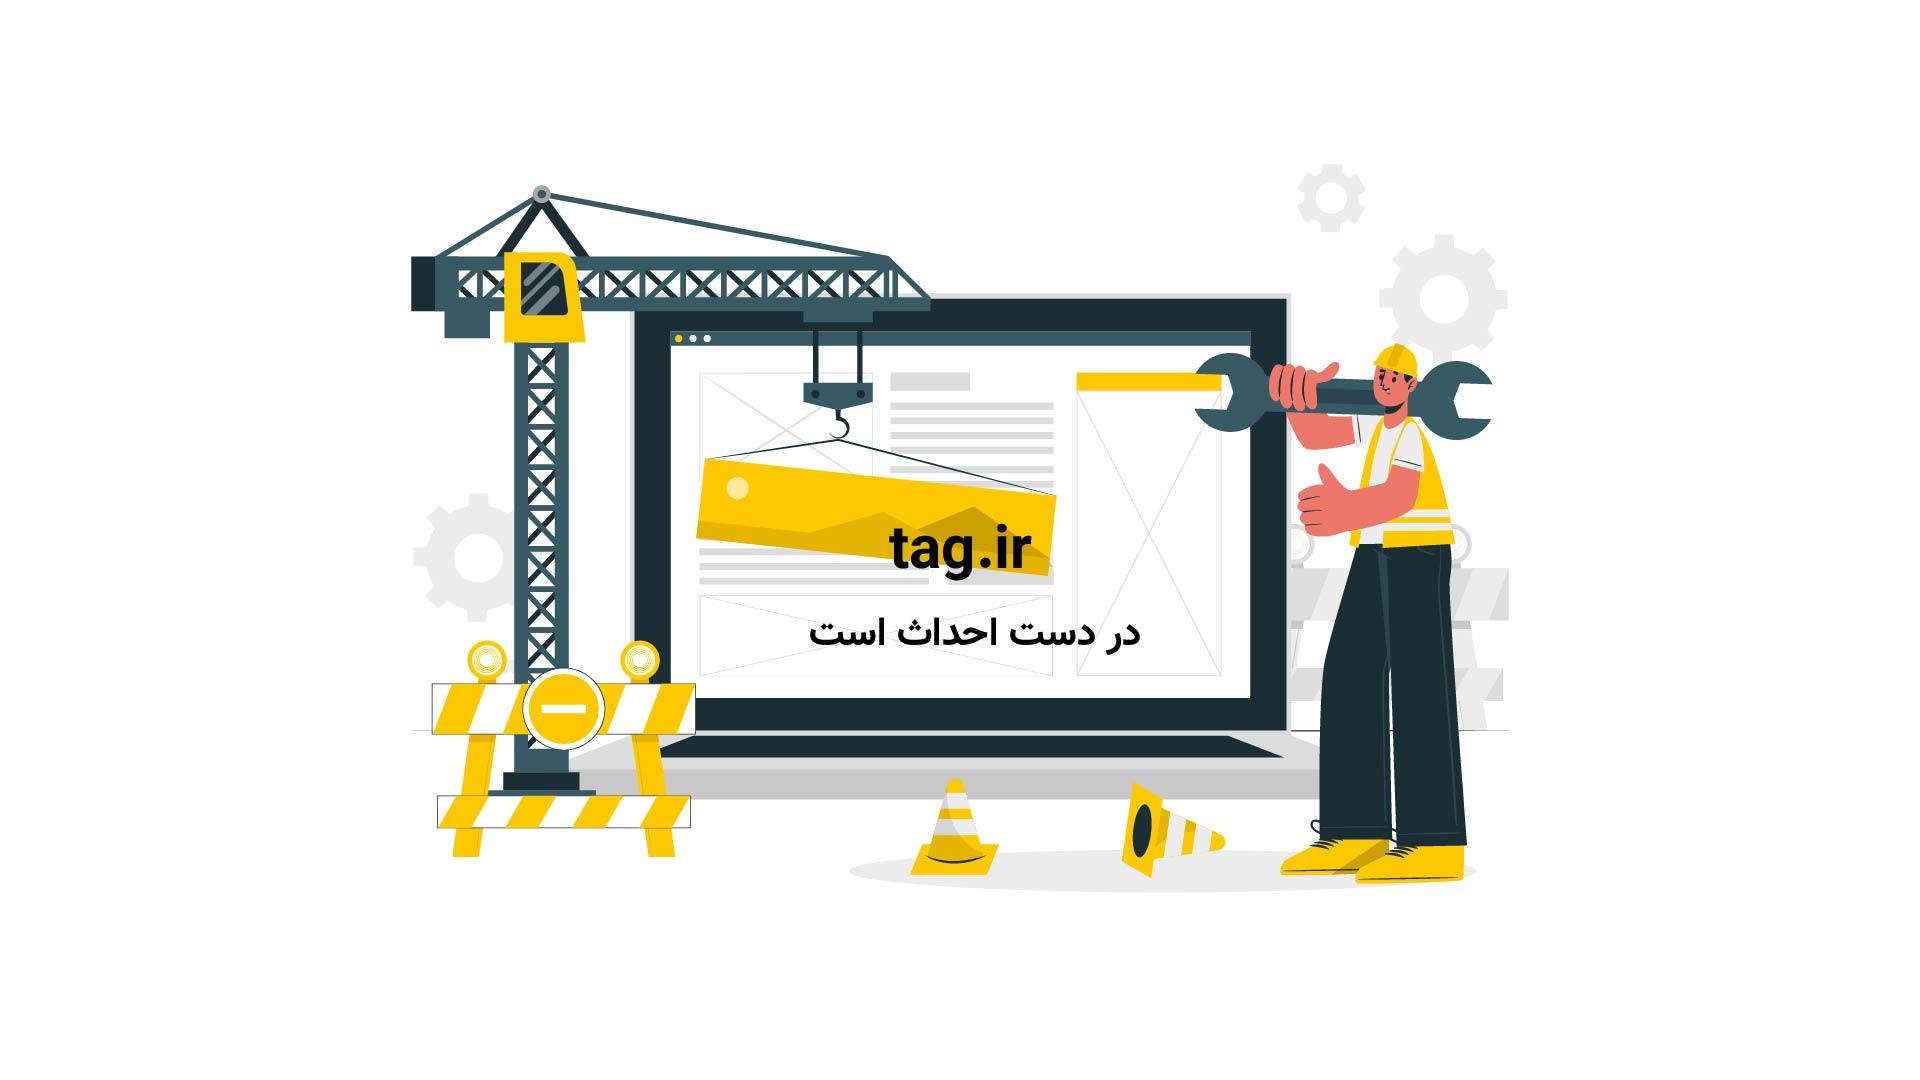 عناوین روزنامه های اقتصادی پنجشنبه ۴ خرداد | فیلم